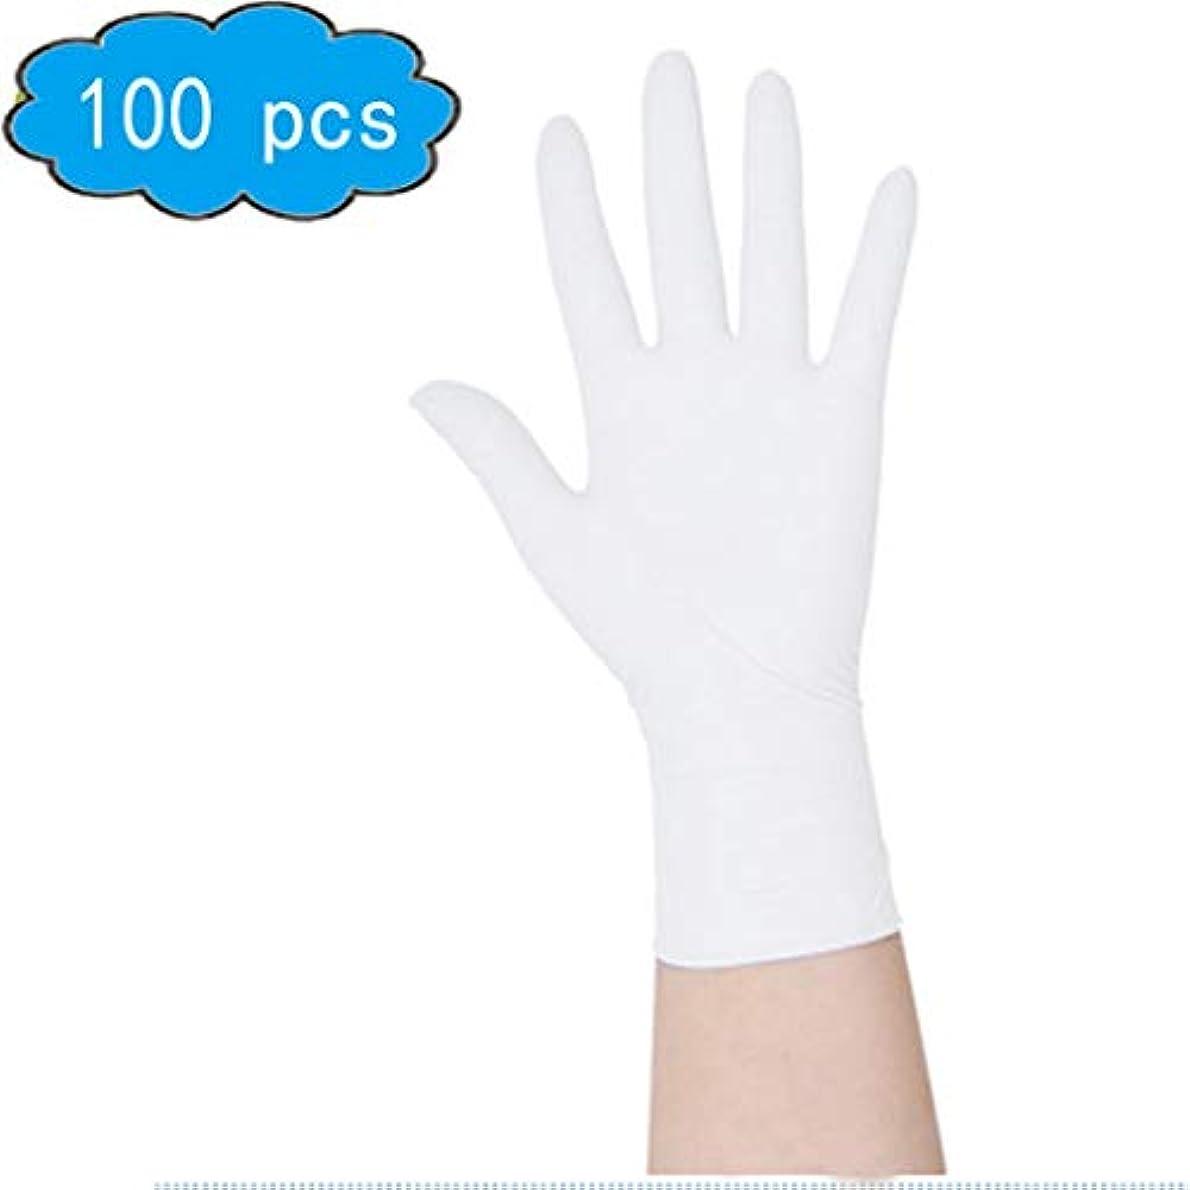 生じるアクセスサーフィン使い捨てラテックス検査用手袋、使い捨て、使えるフリーサイズニトリルクリーニンググローブ(100カウント) (Color : White, Size : L)